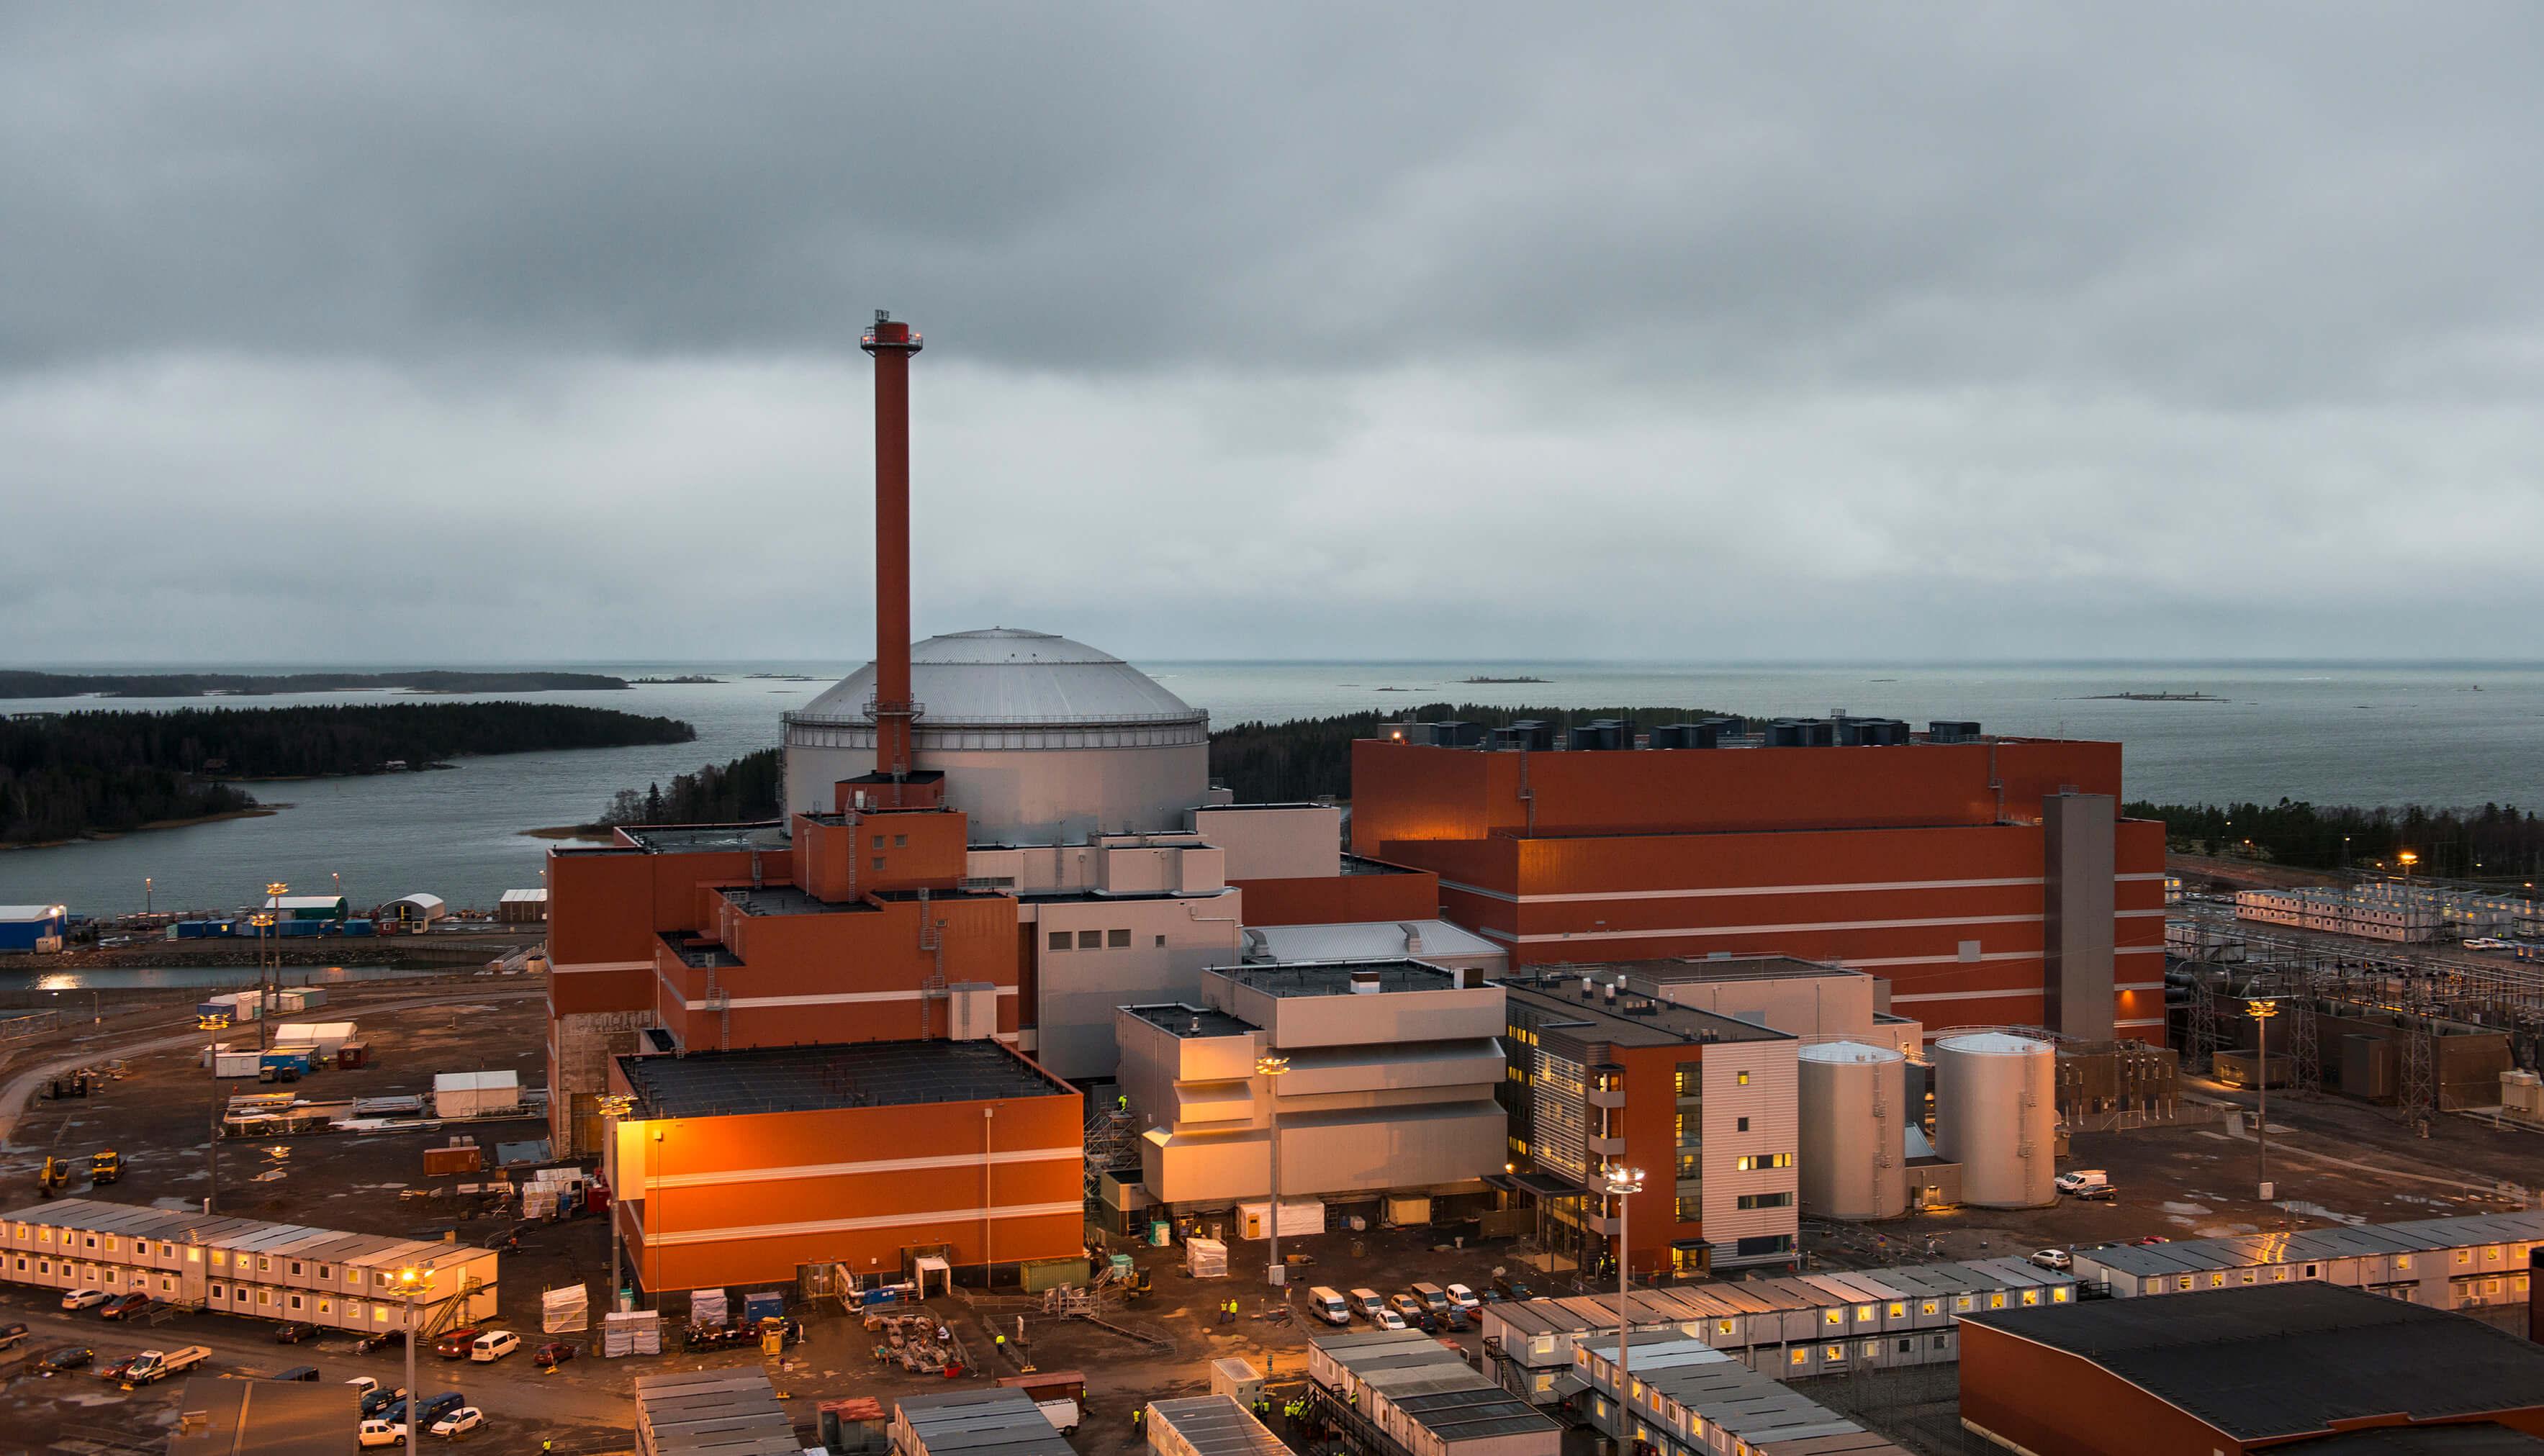 EPR reaktor Olkiluoto 3. Zdroj: TVO